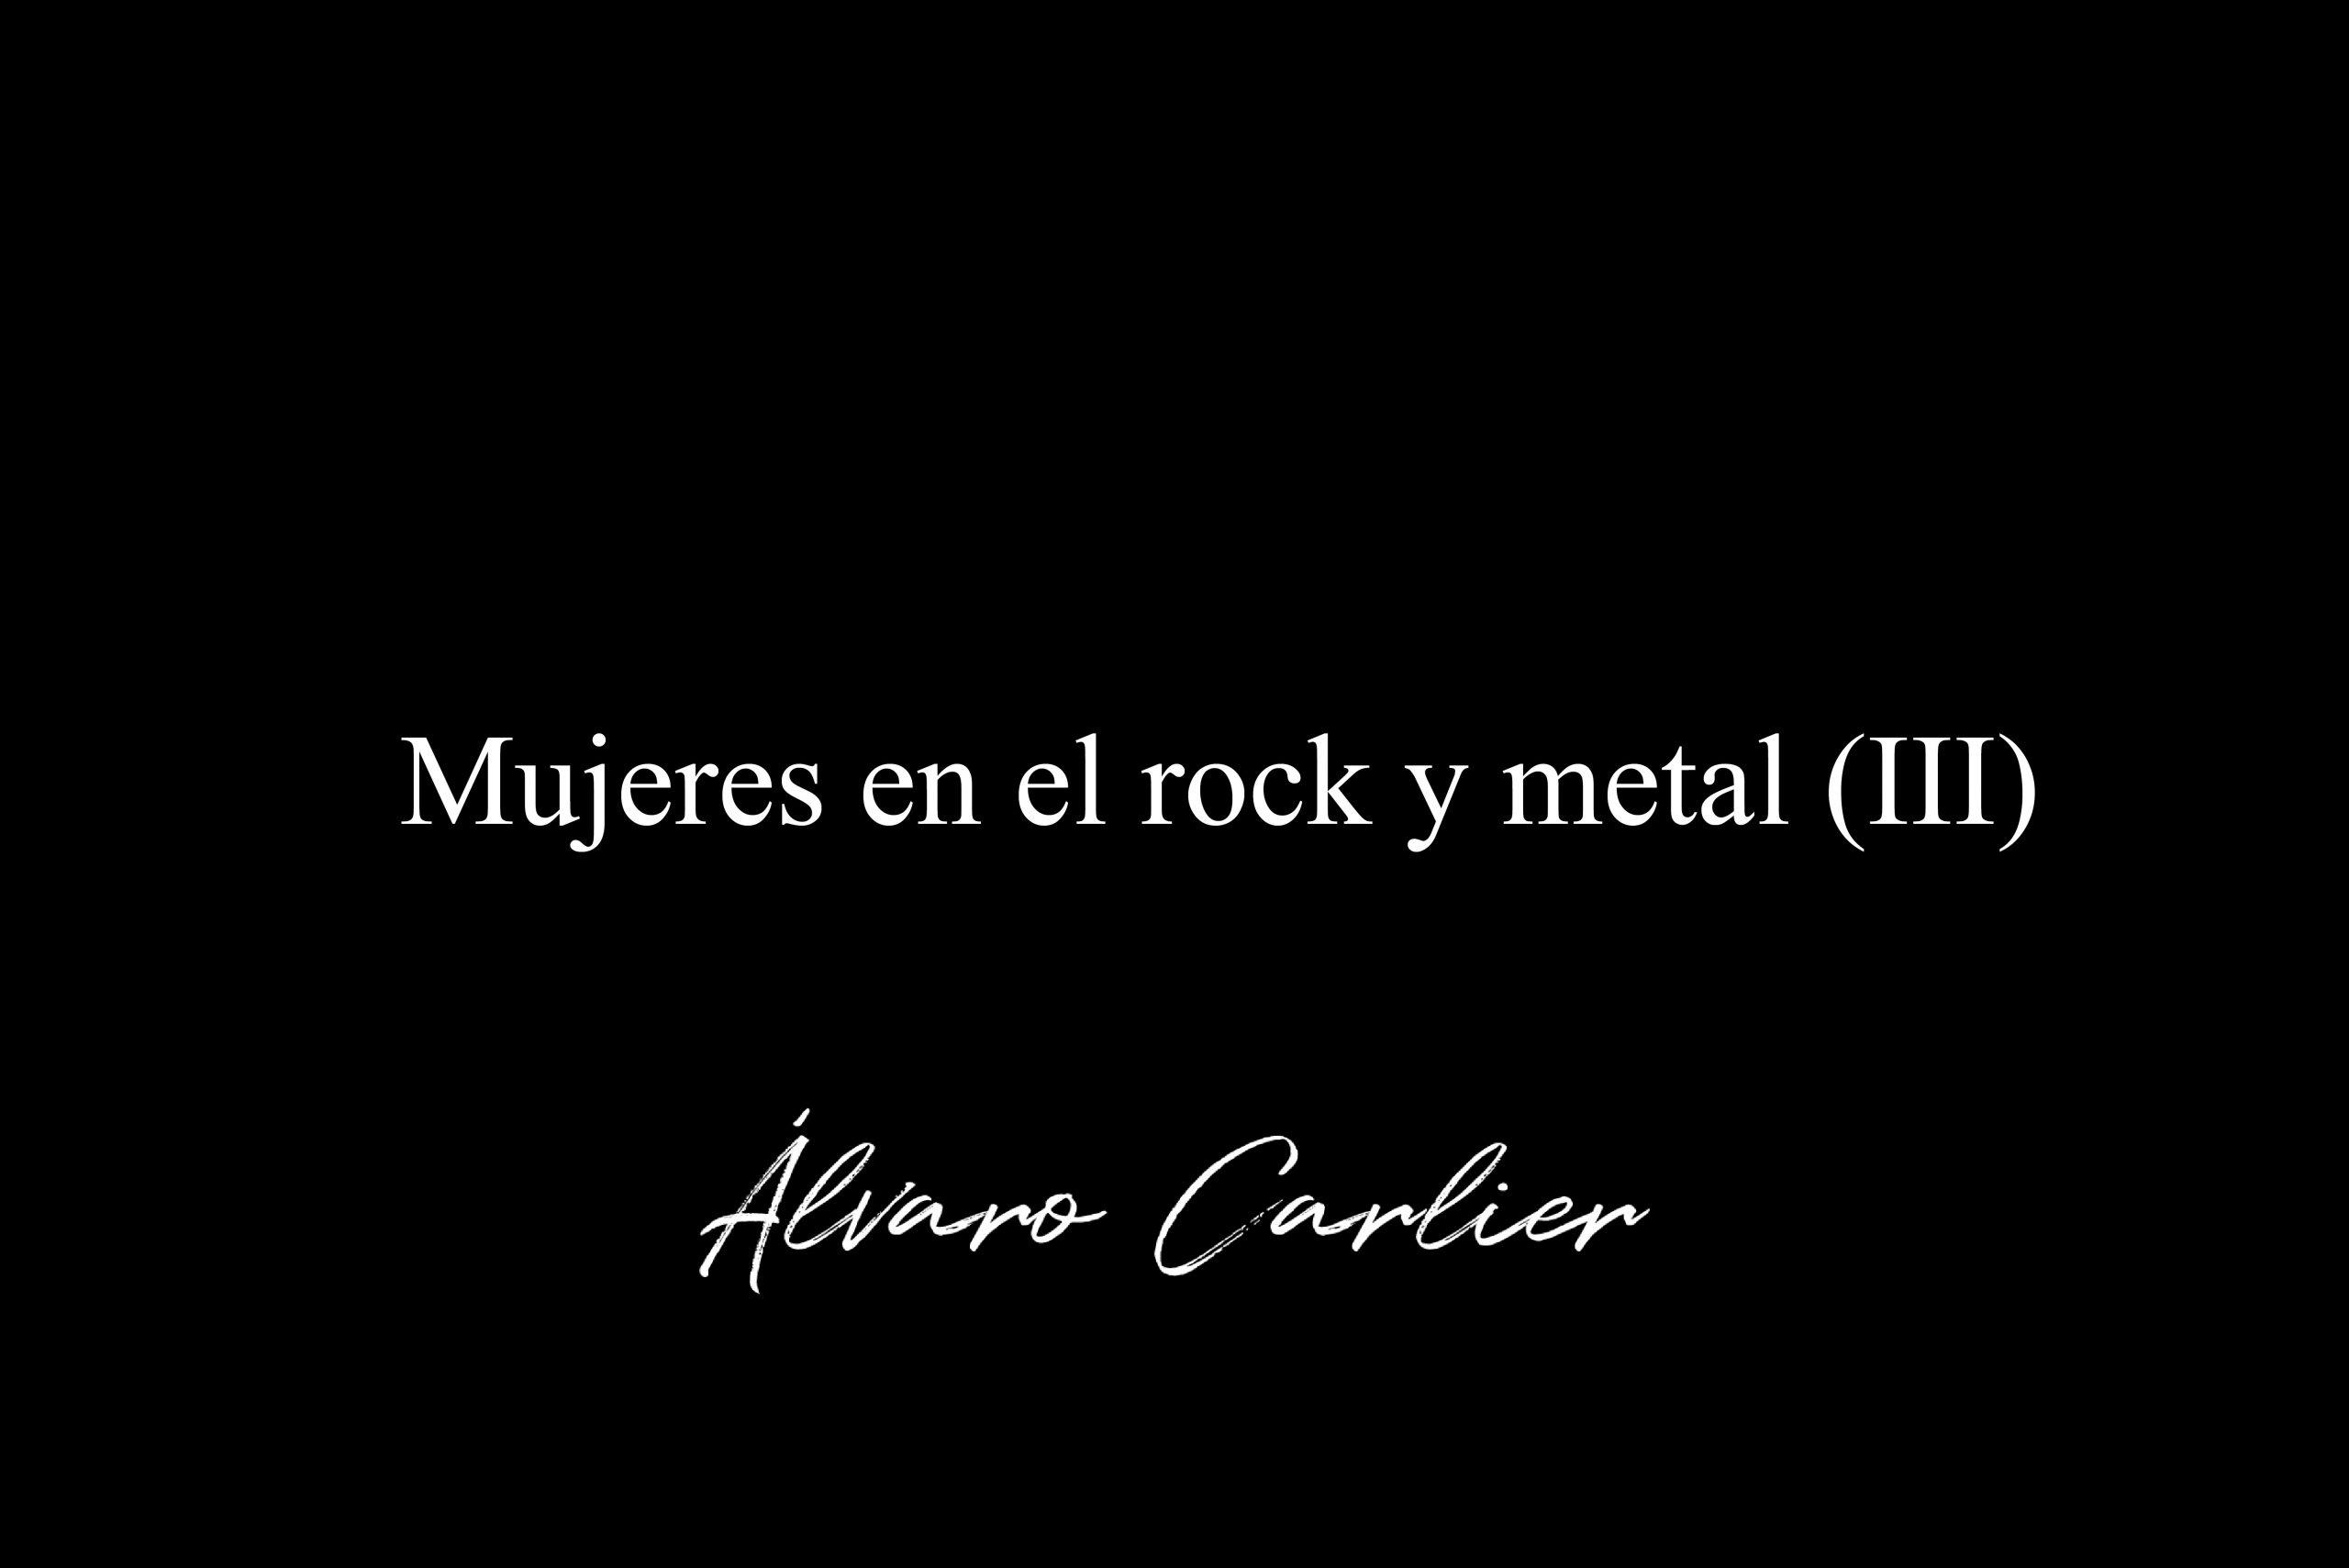 Mujeres en el rock y metal (III)